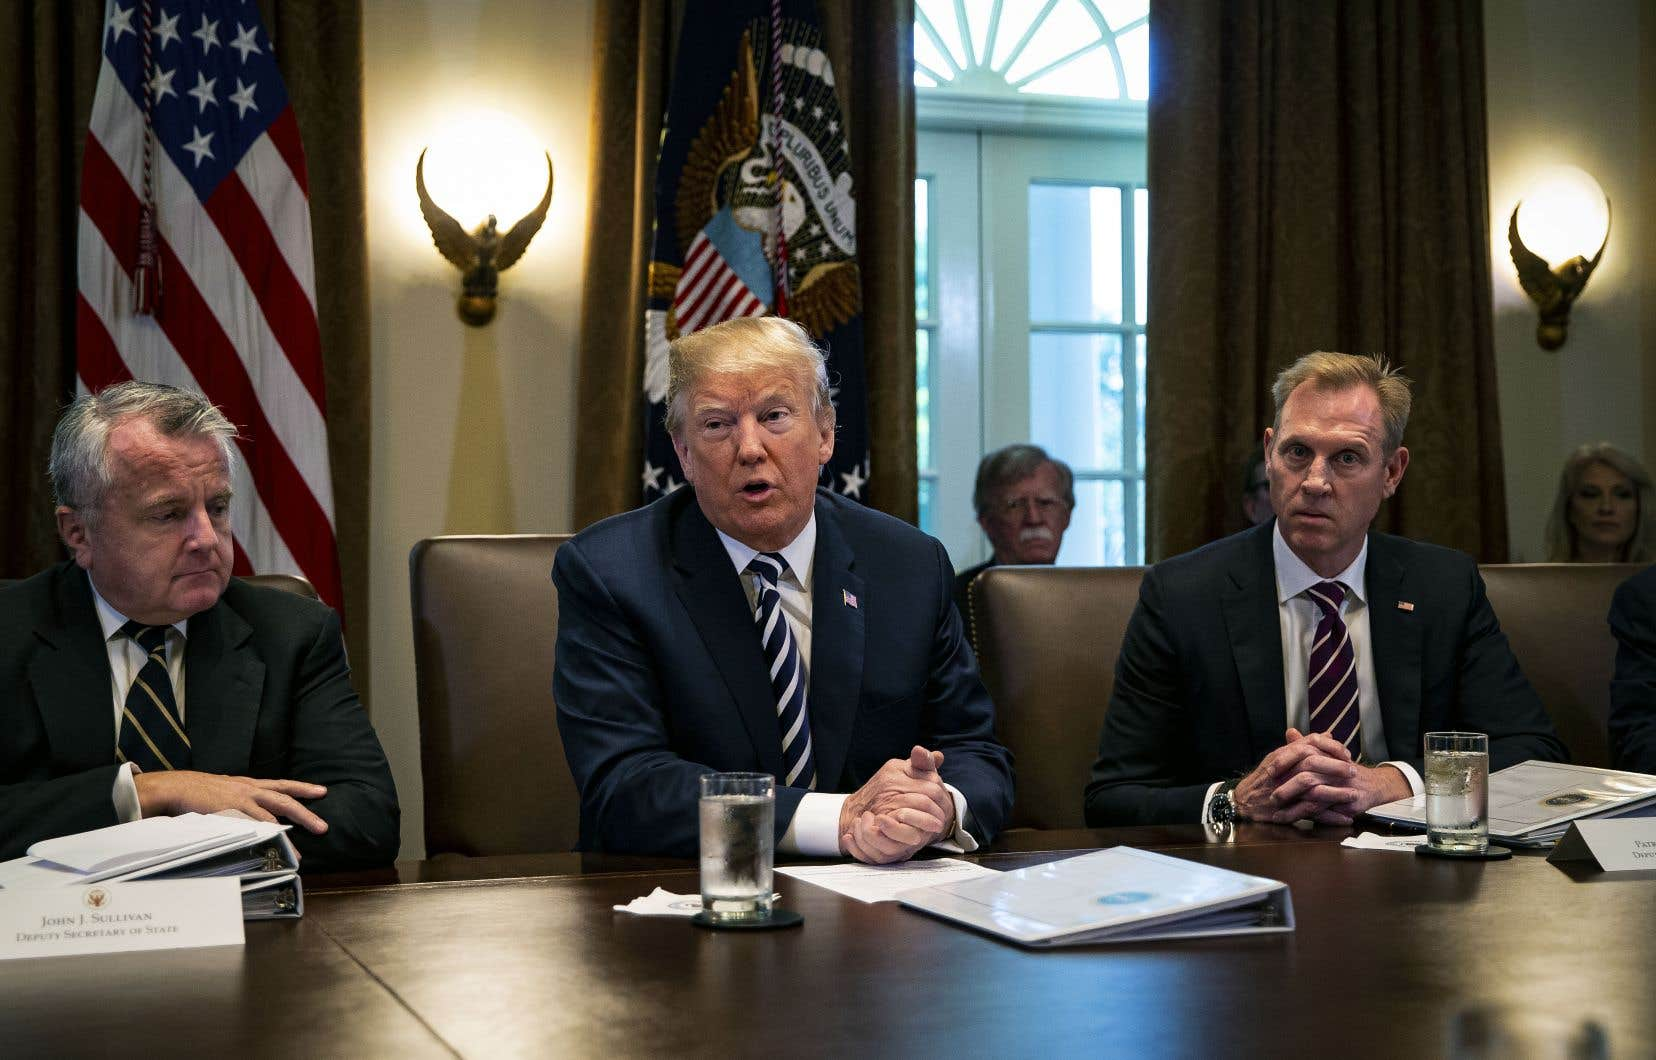 Selon le président américain, Donald Trump, les troupes américaines n'étaient plus utiles en territoire syrien car le groupe armé État islamique était «en grande partie vaincu».